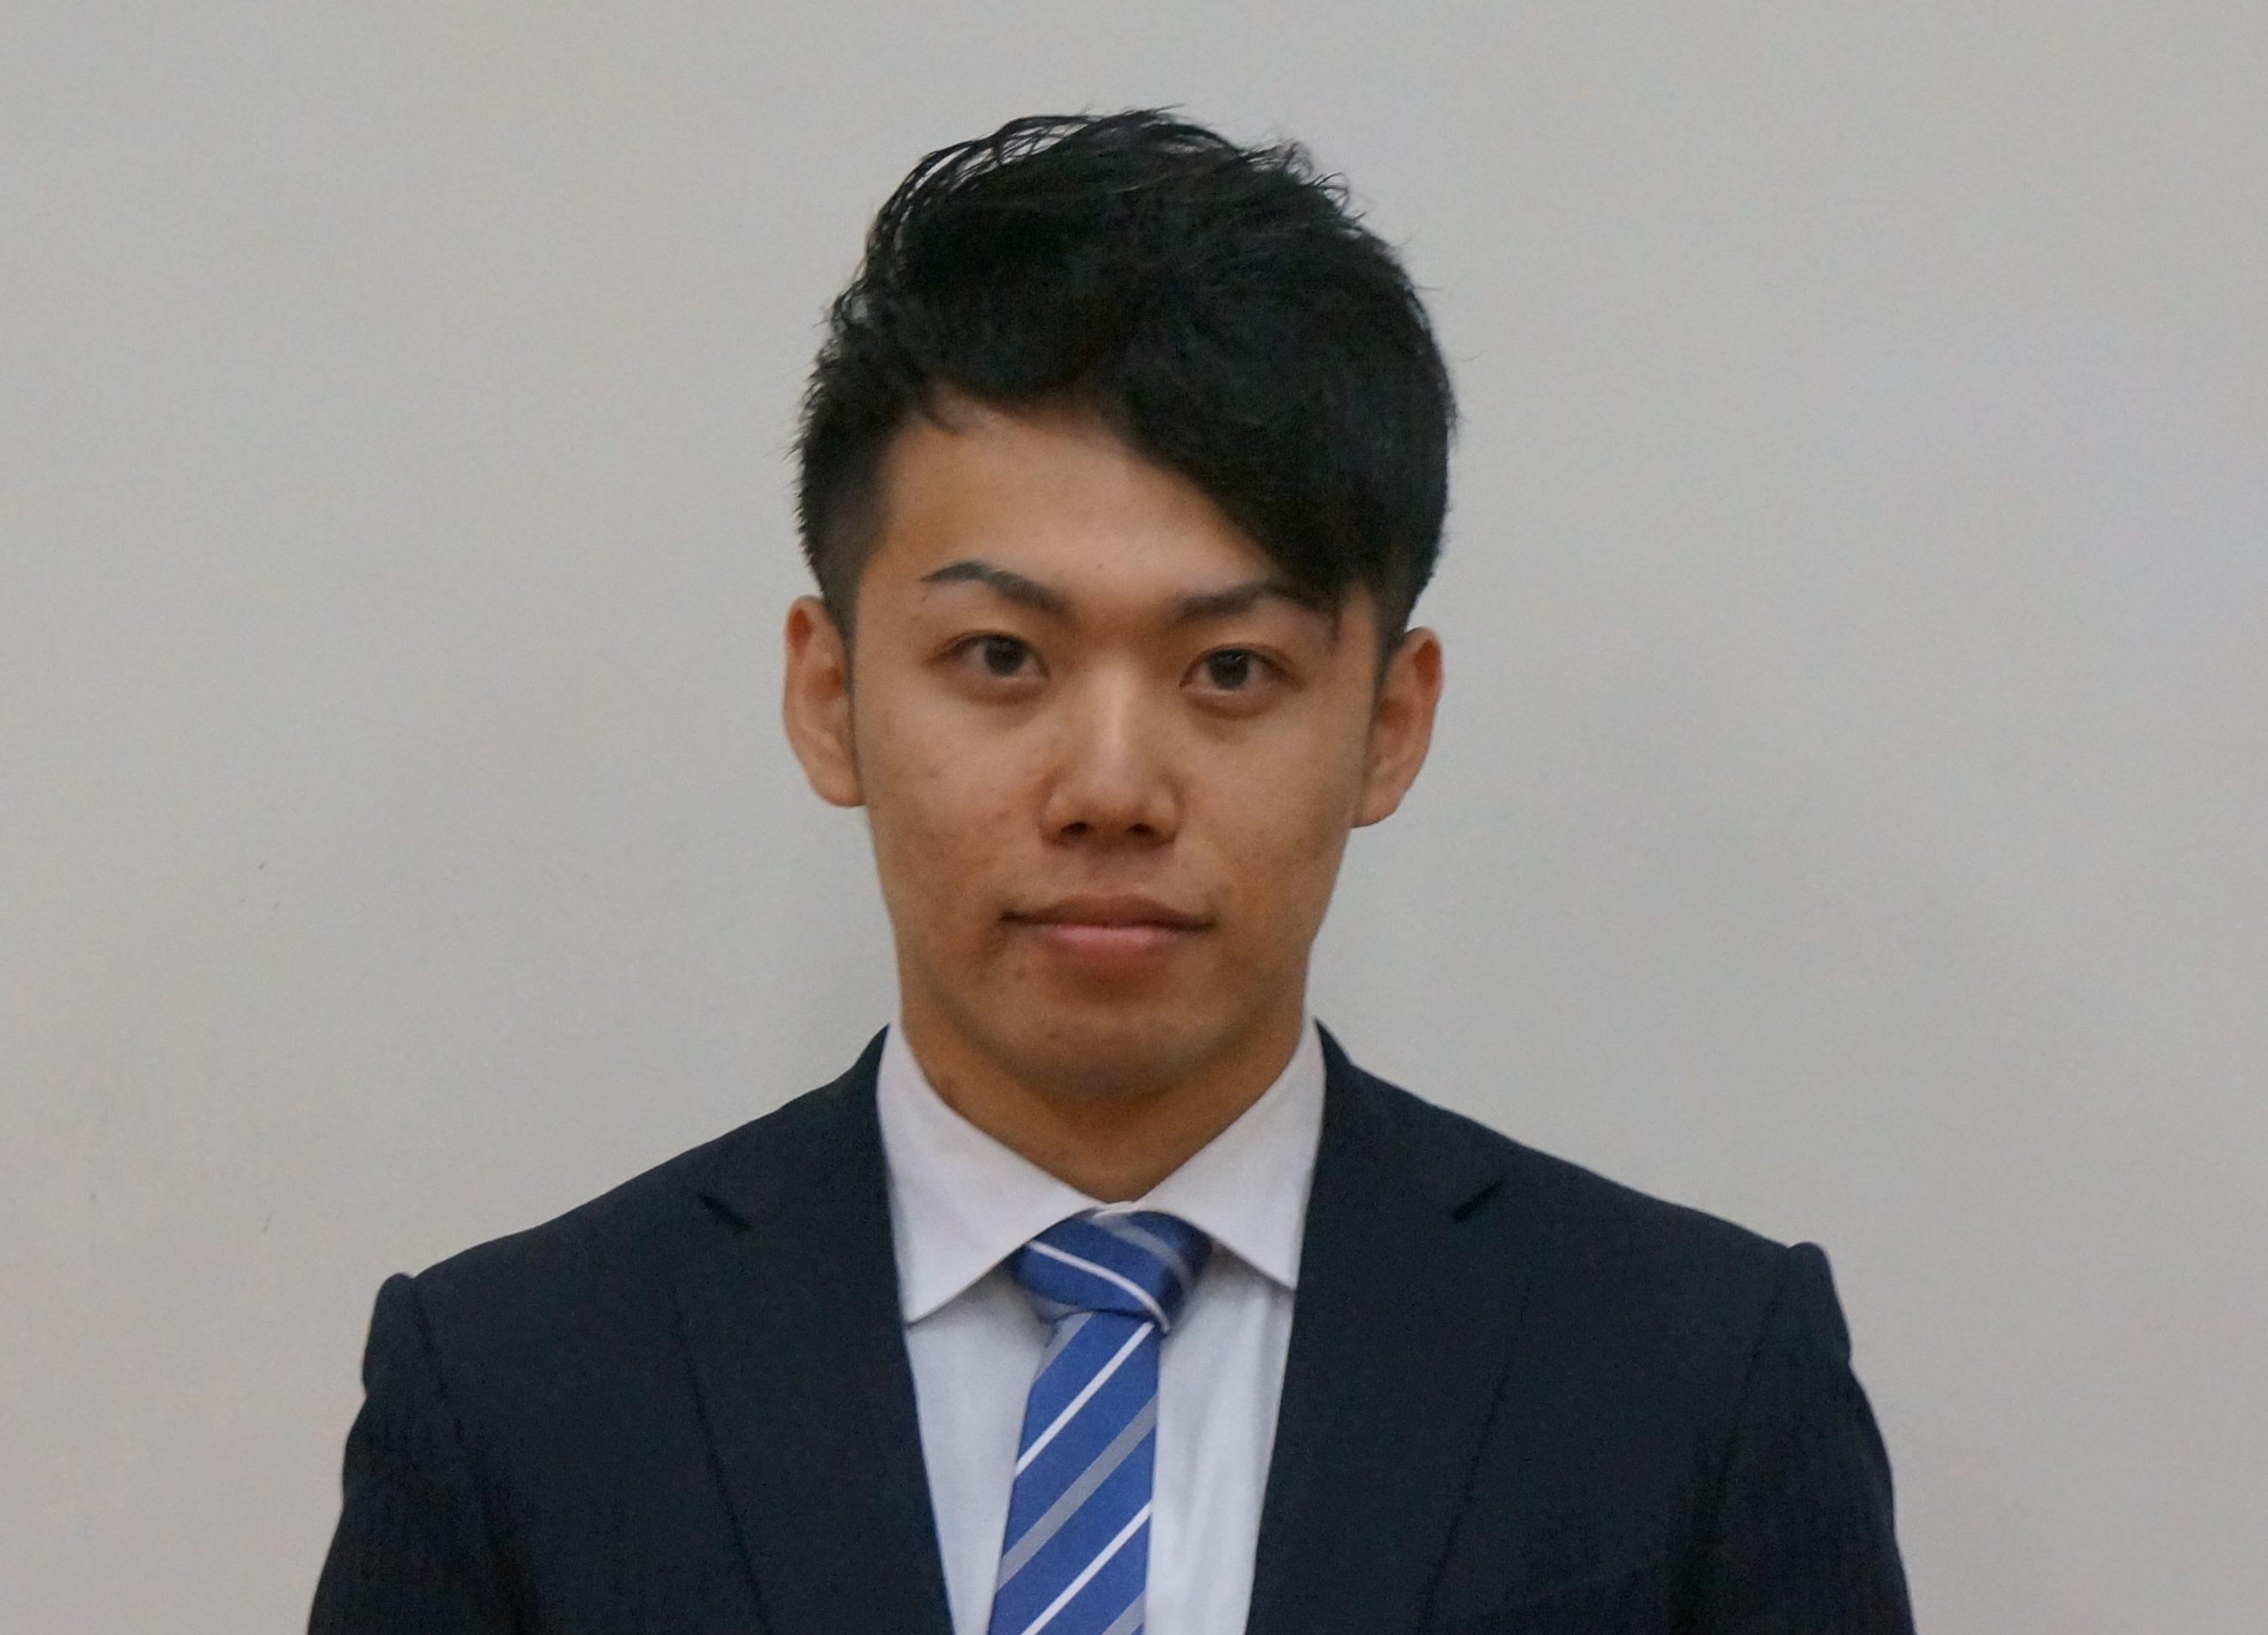 大熊 勇輝(おおくま ゆうき)